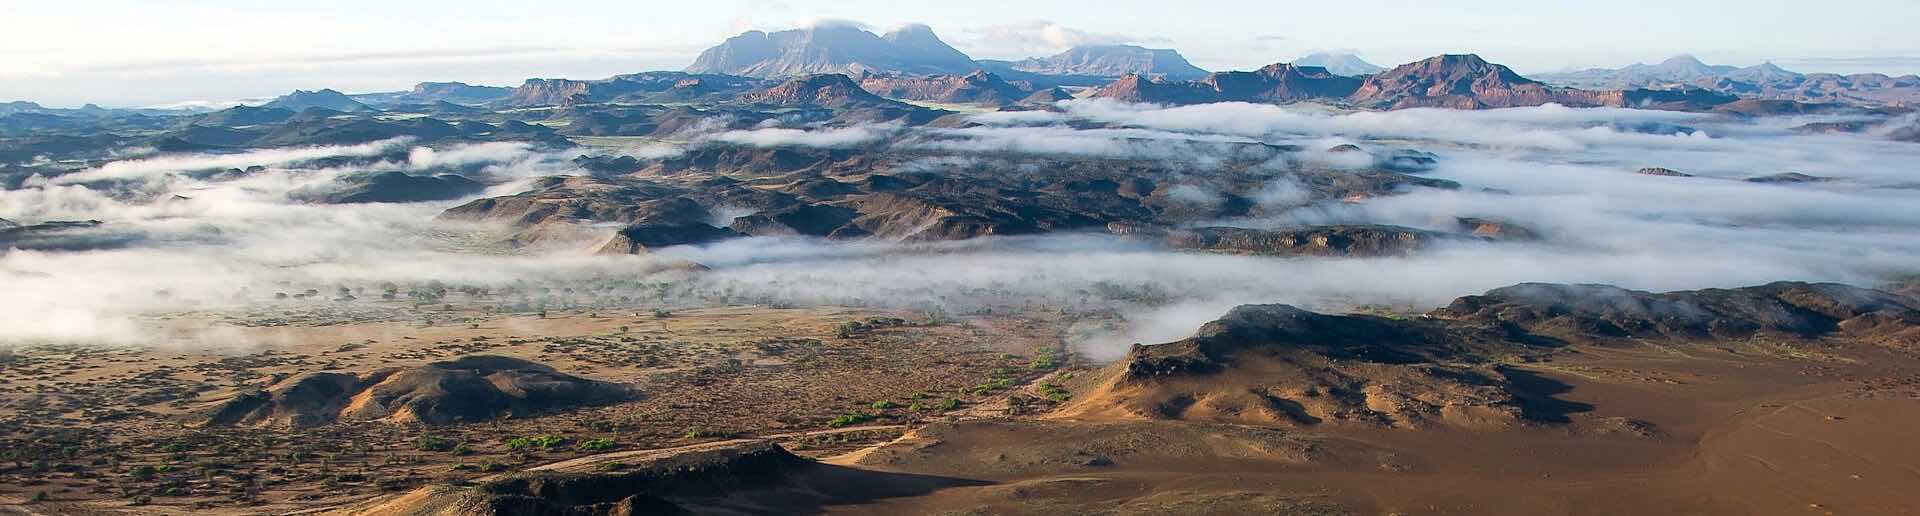 Namibia-Hunting-Safaris-Africa-Damaralan